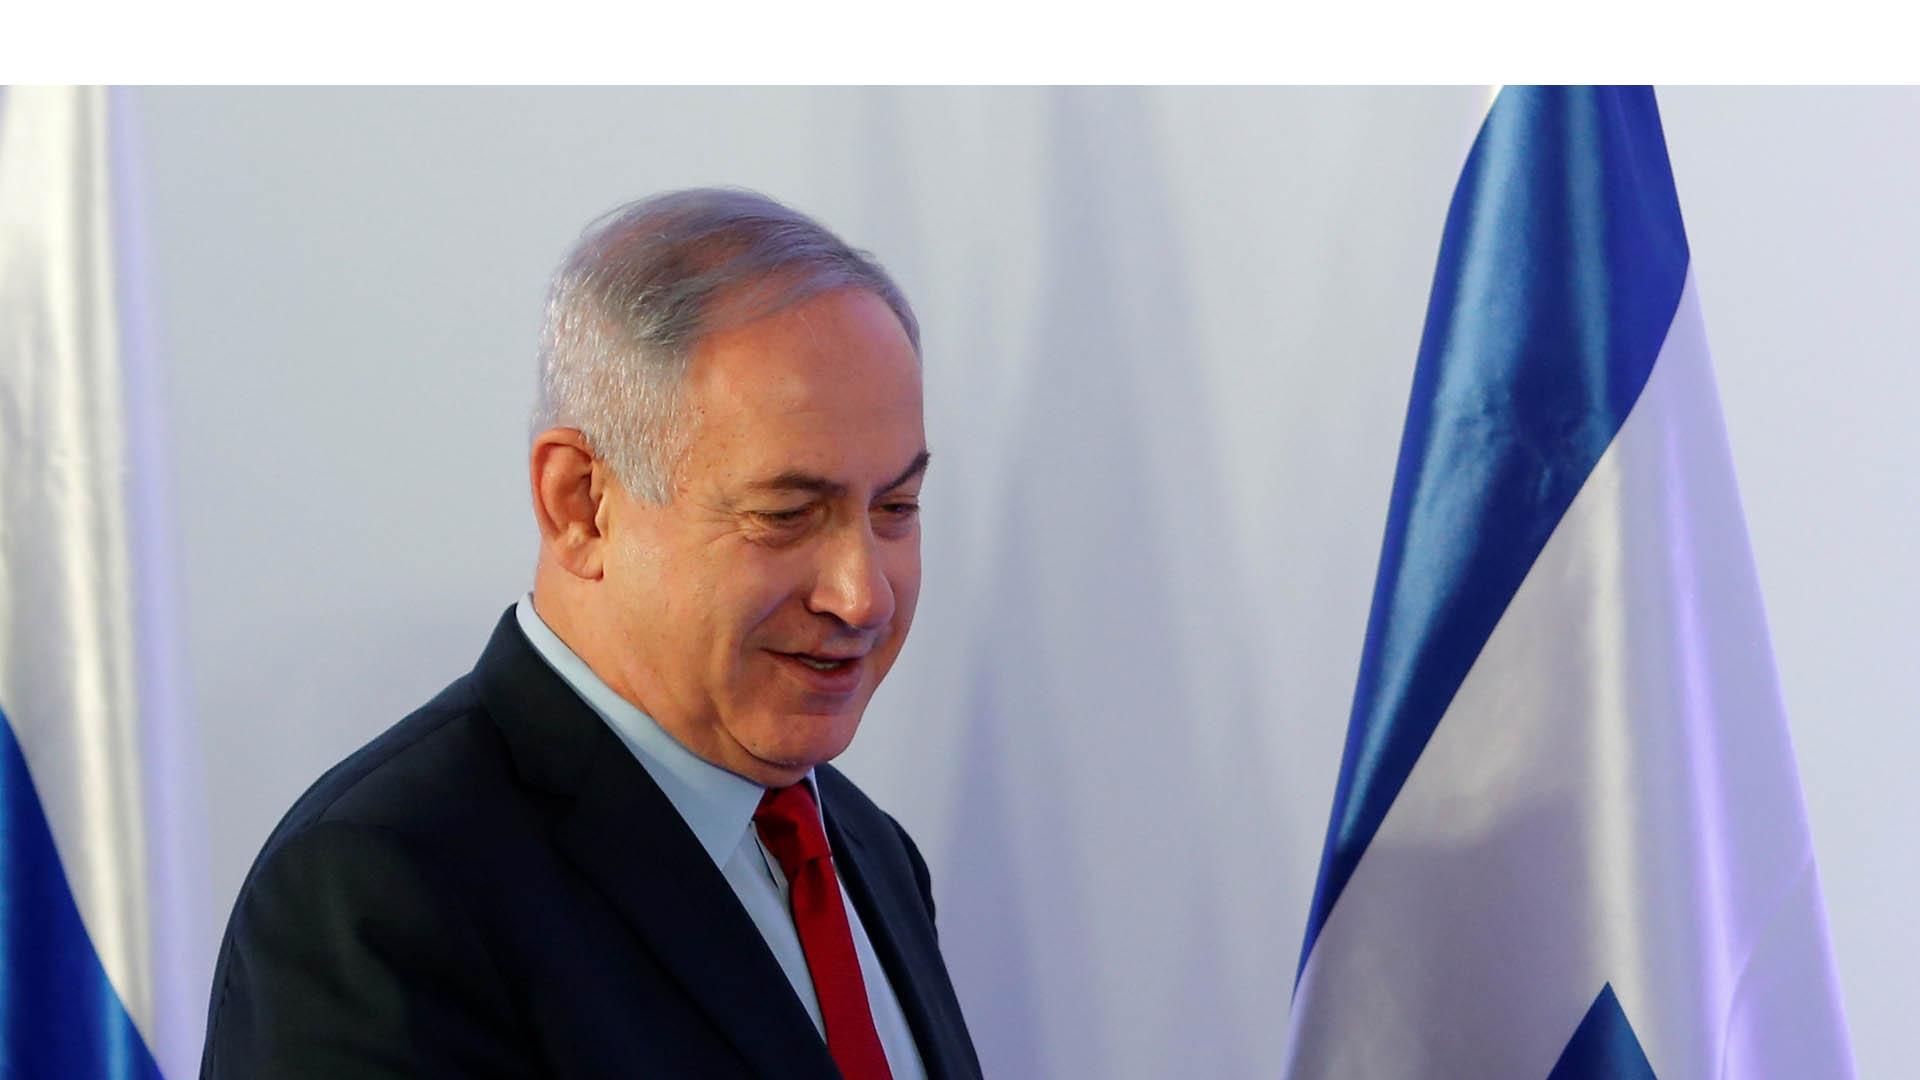 Tras el atentado en Tel Aviv, el primer ministro llamó a una reunión de emergencia a todo el gabinete